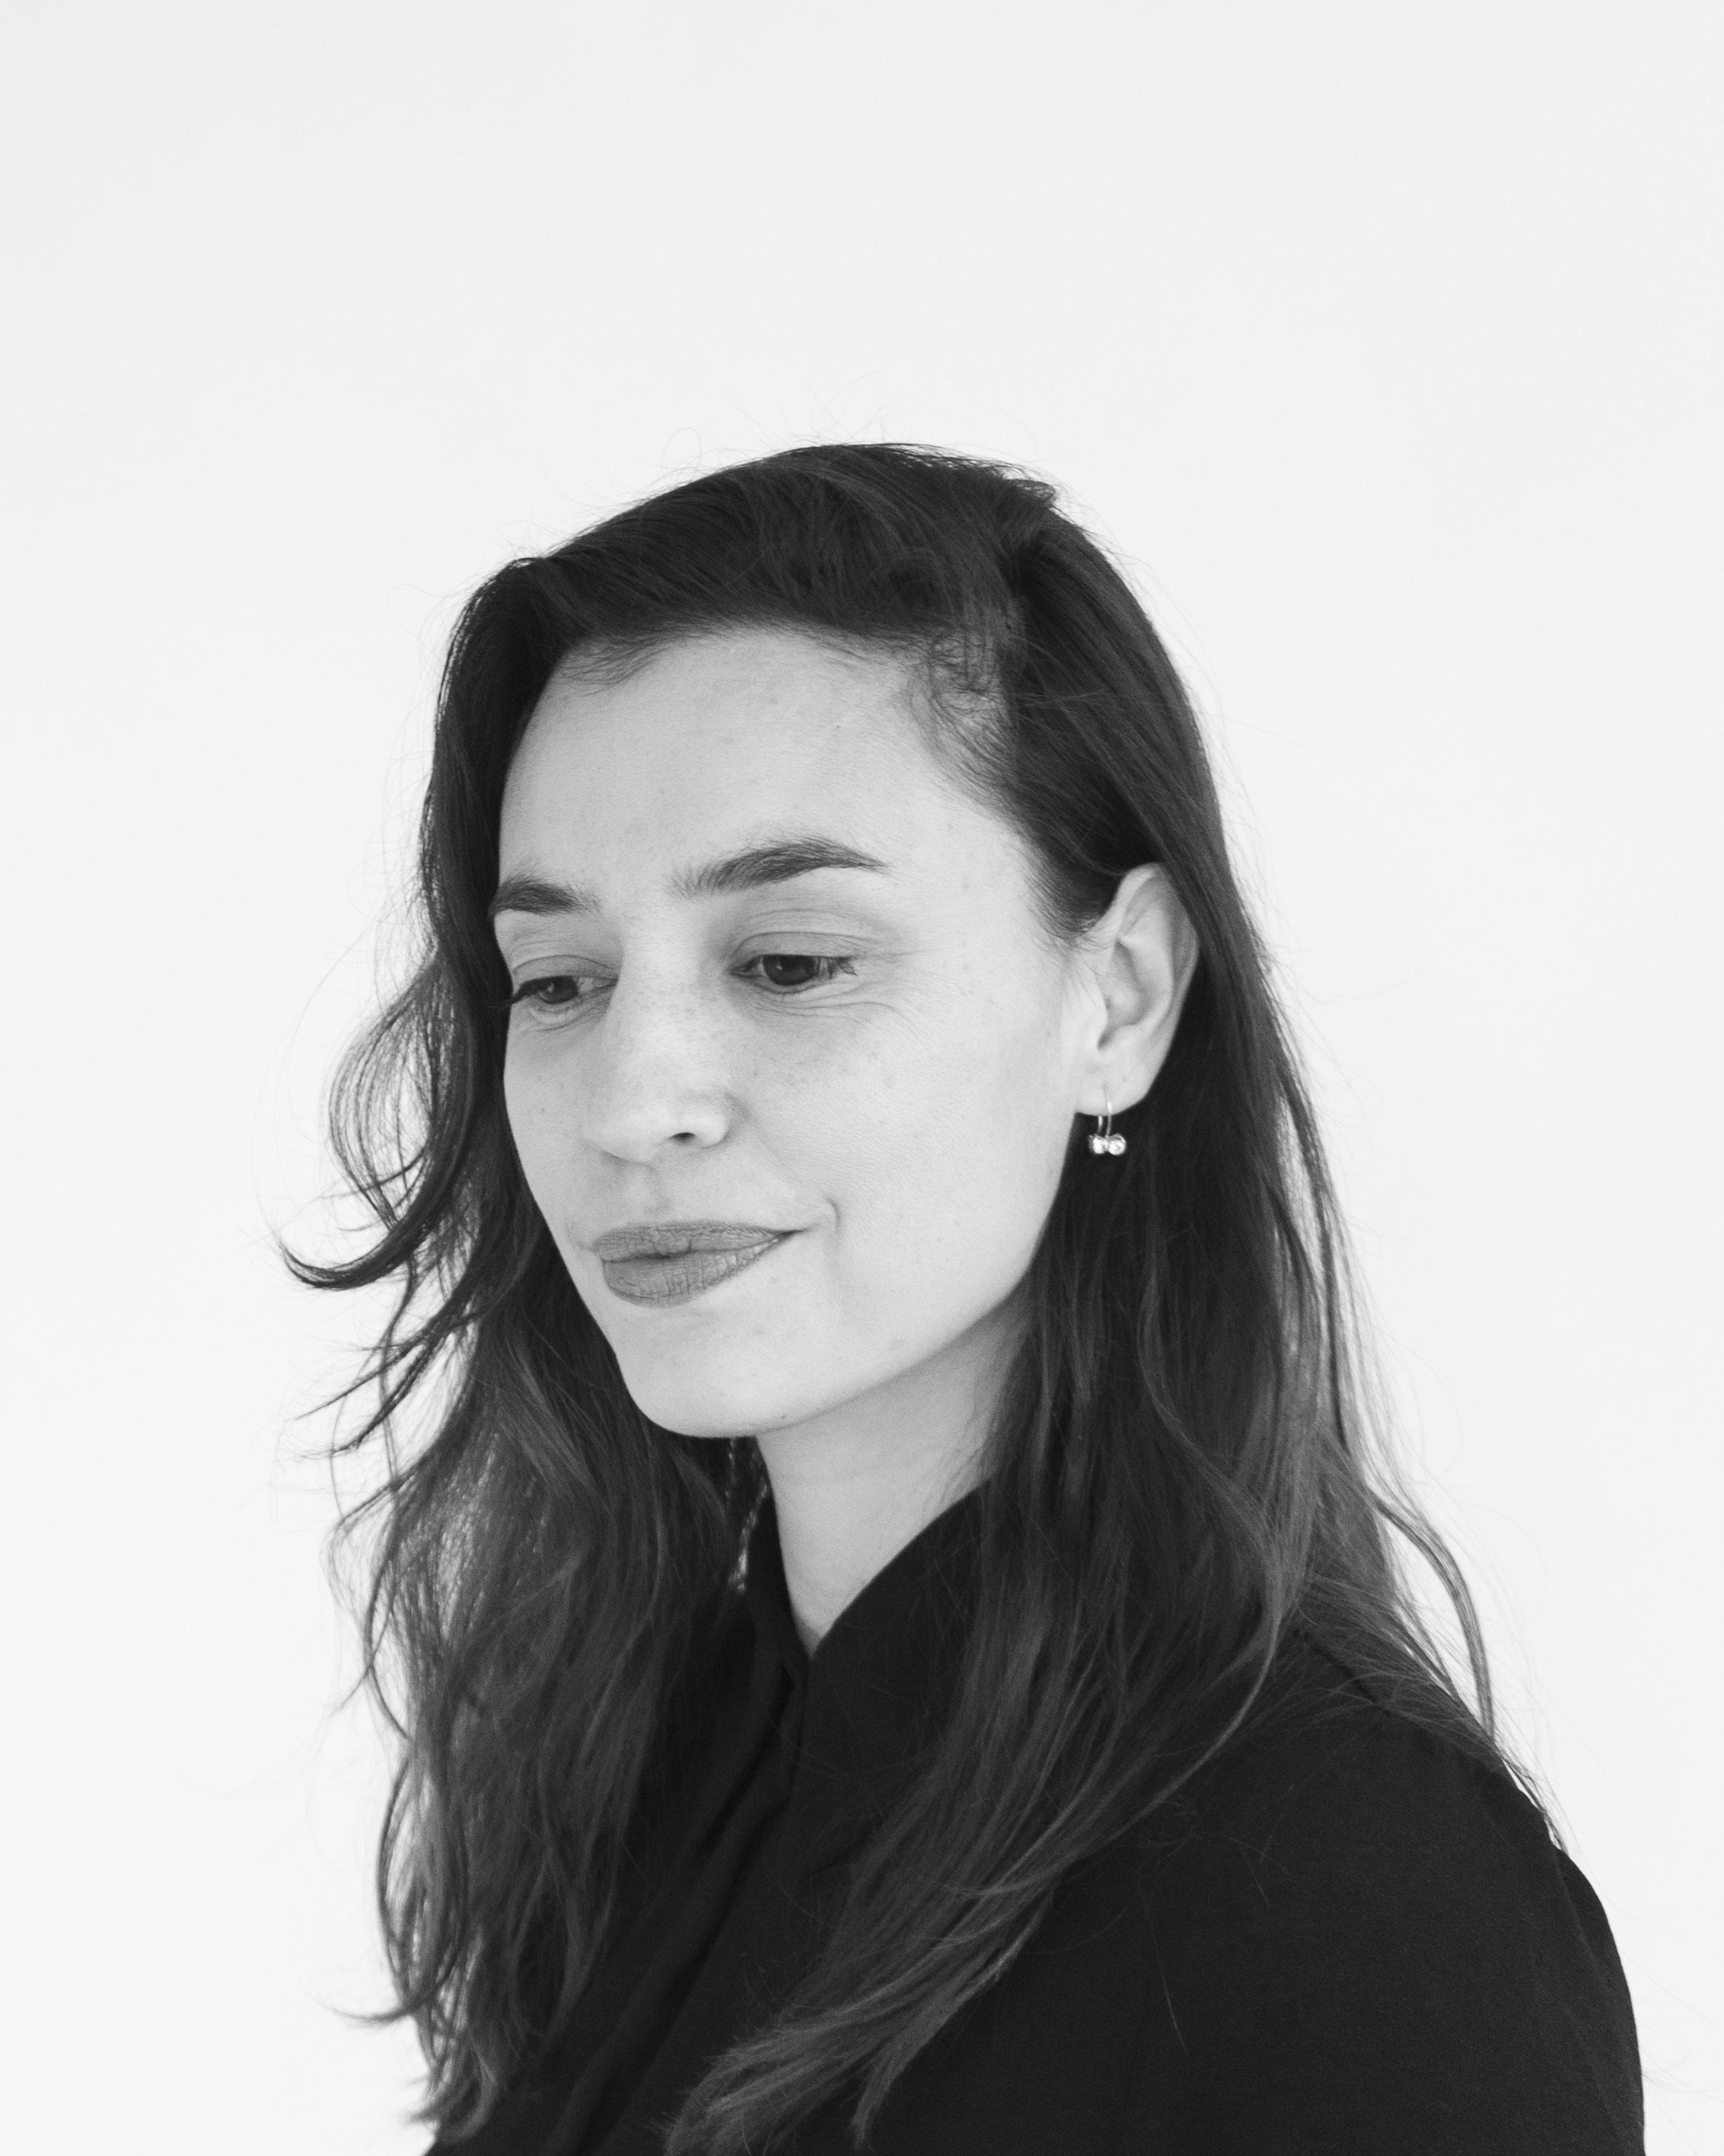 Janetta Ninkeula   Photographer